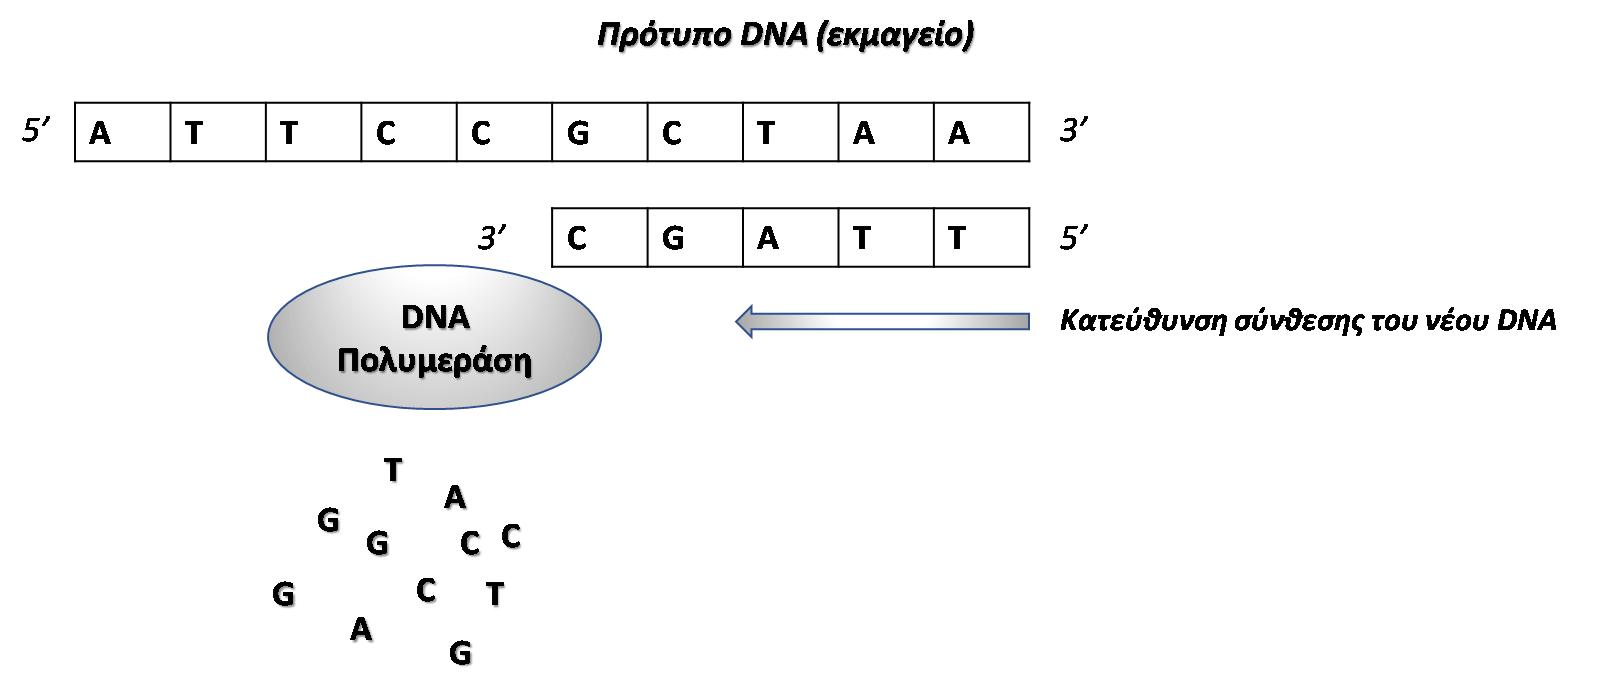 Εικόνα 2. Σχηματική αναπαράσταση της αντιγραφής της έλικας του DNA